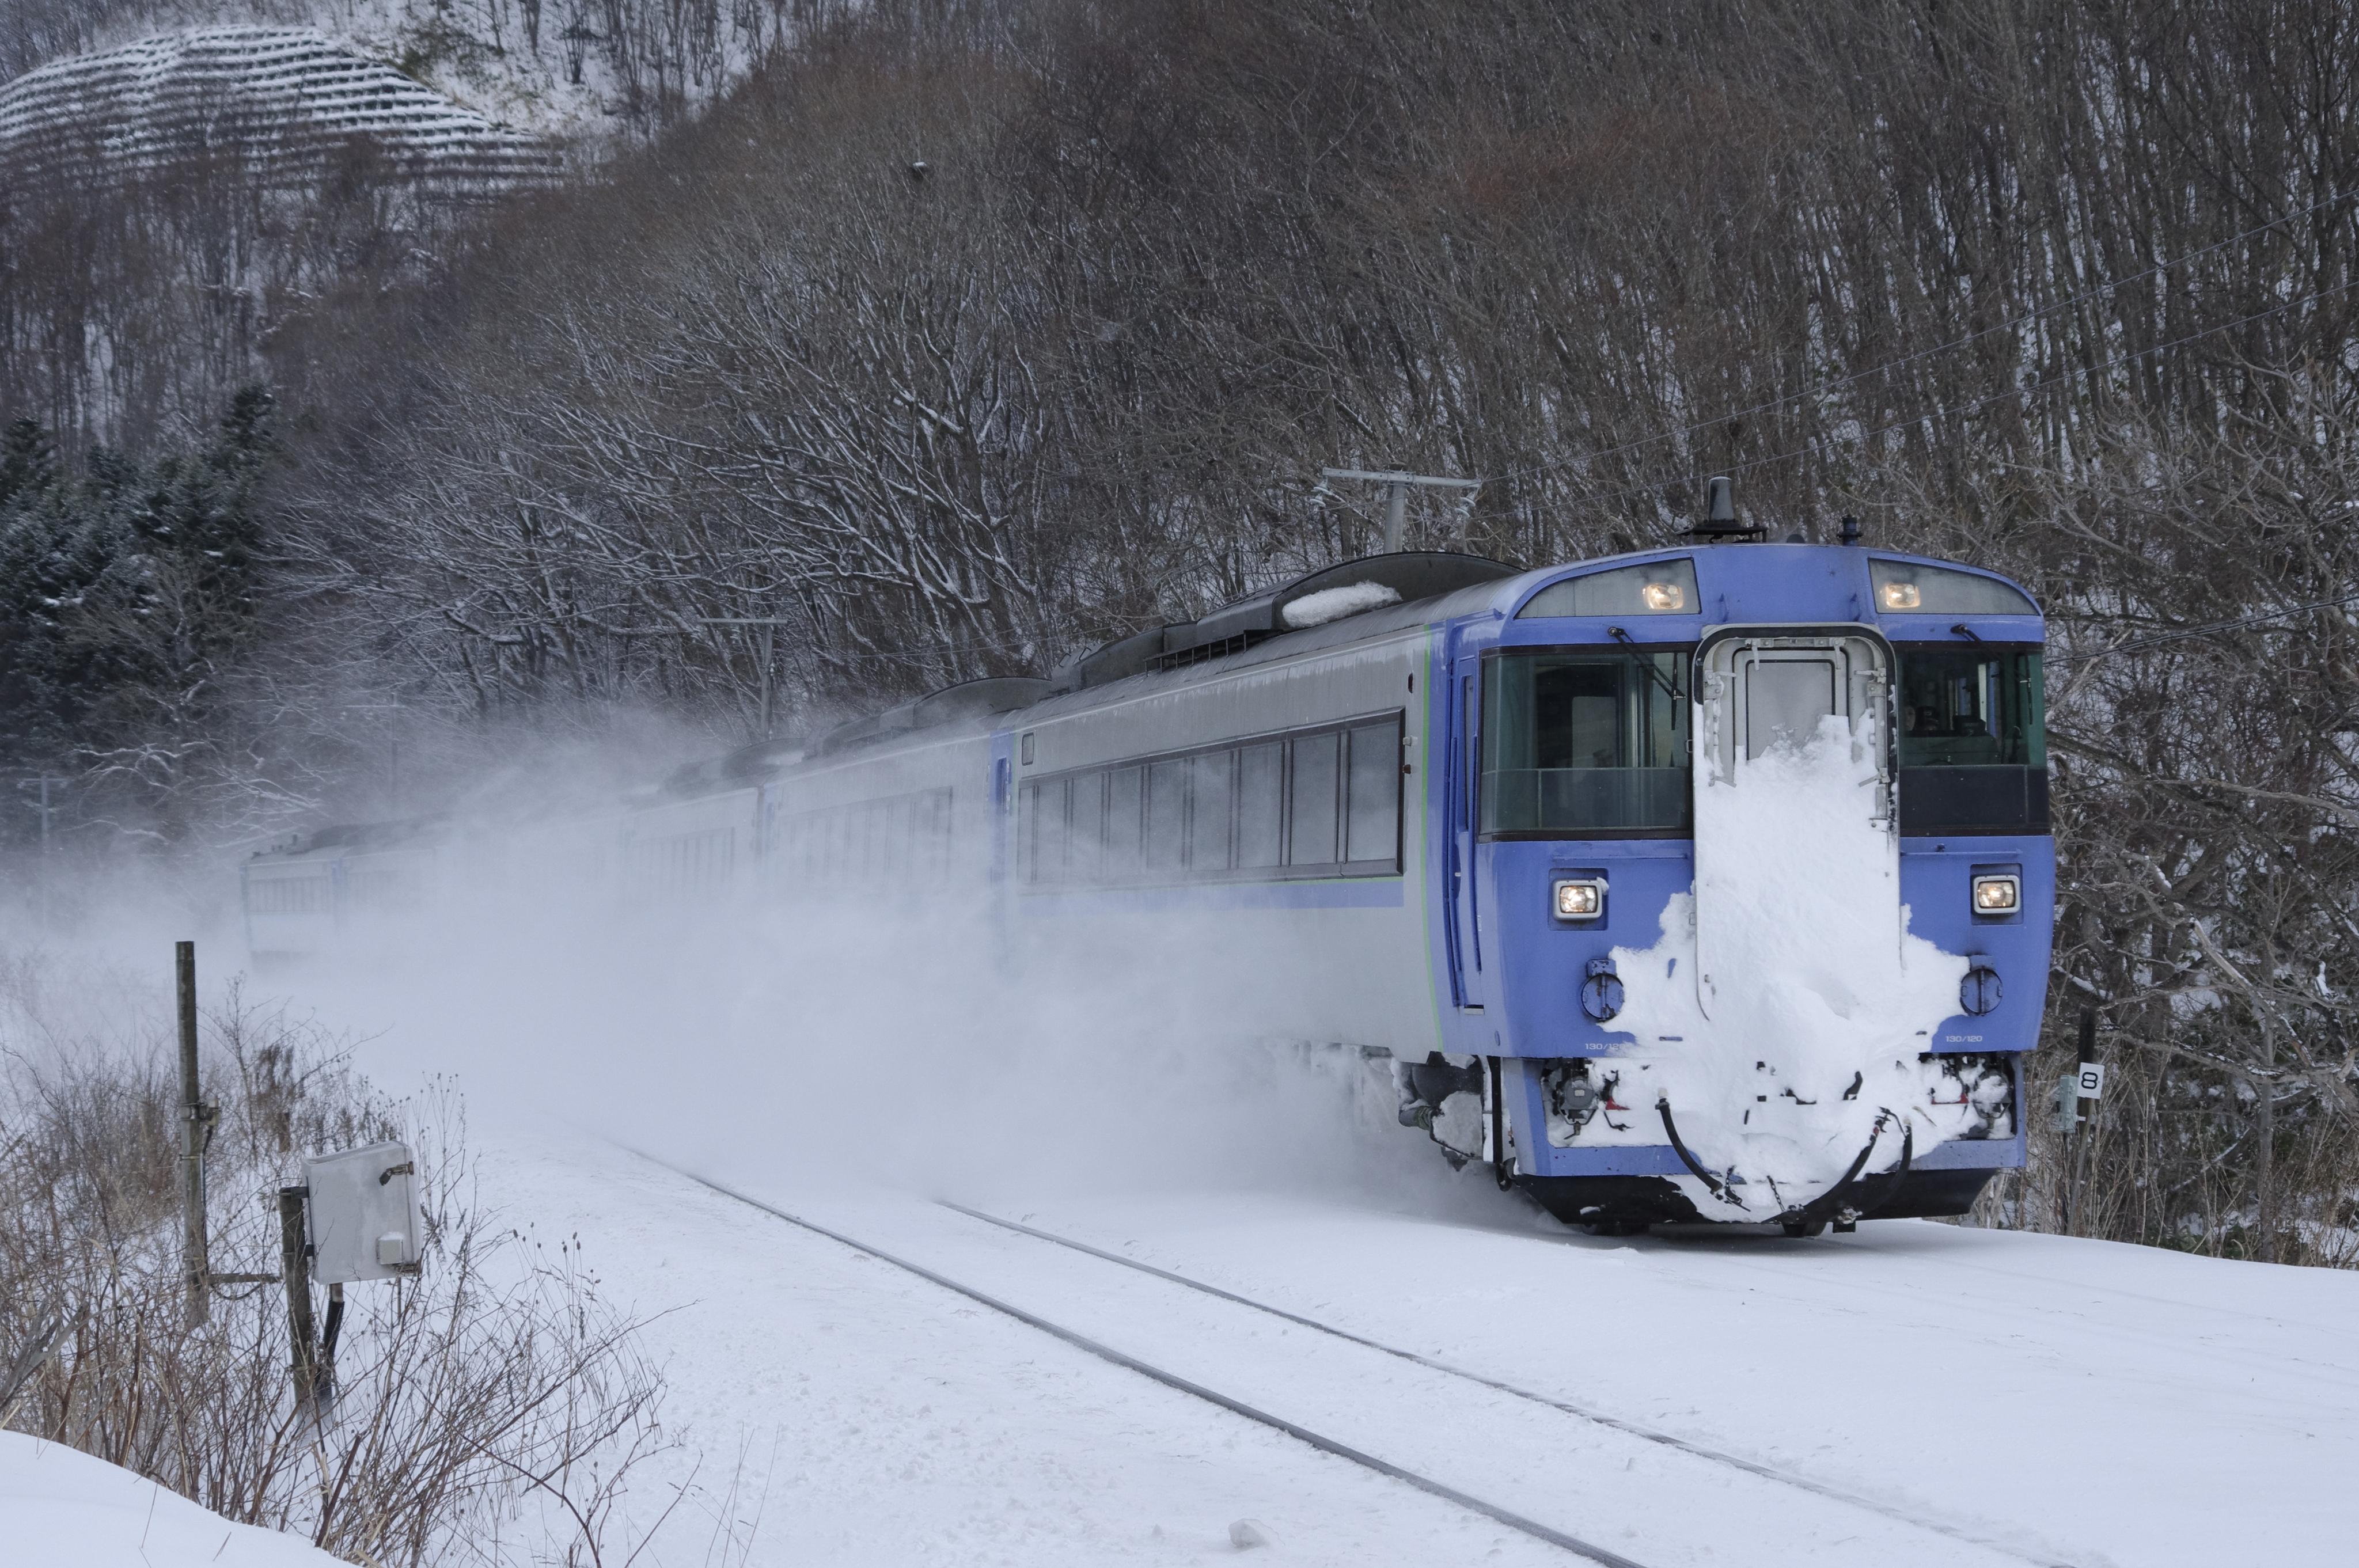 小幌ー礼文 大学沢道路踏切 3D 北斗3号_180204.jpg